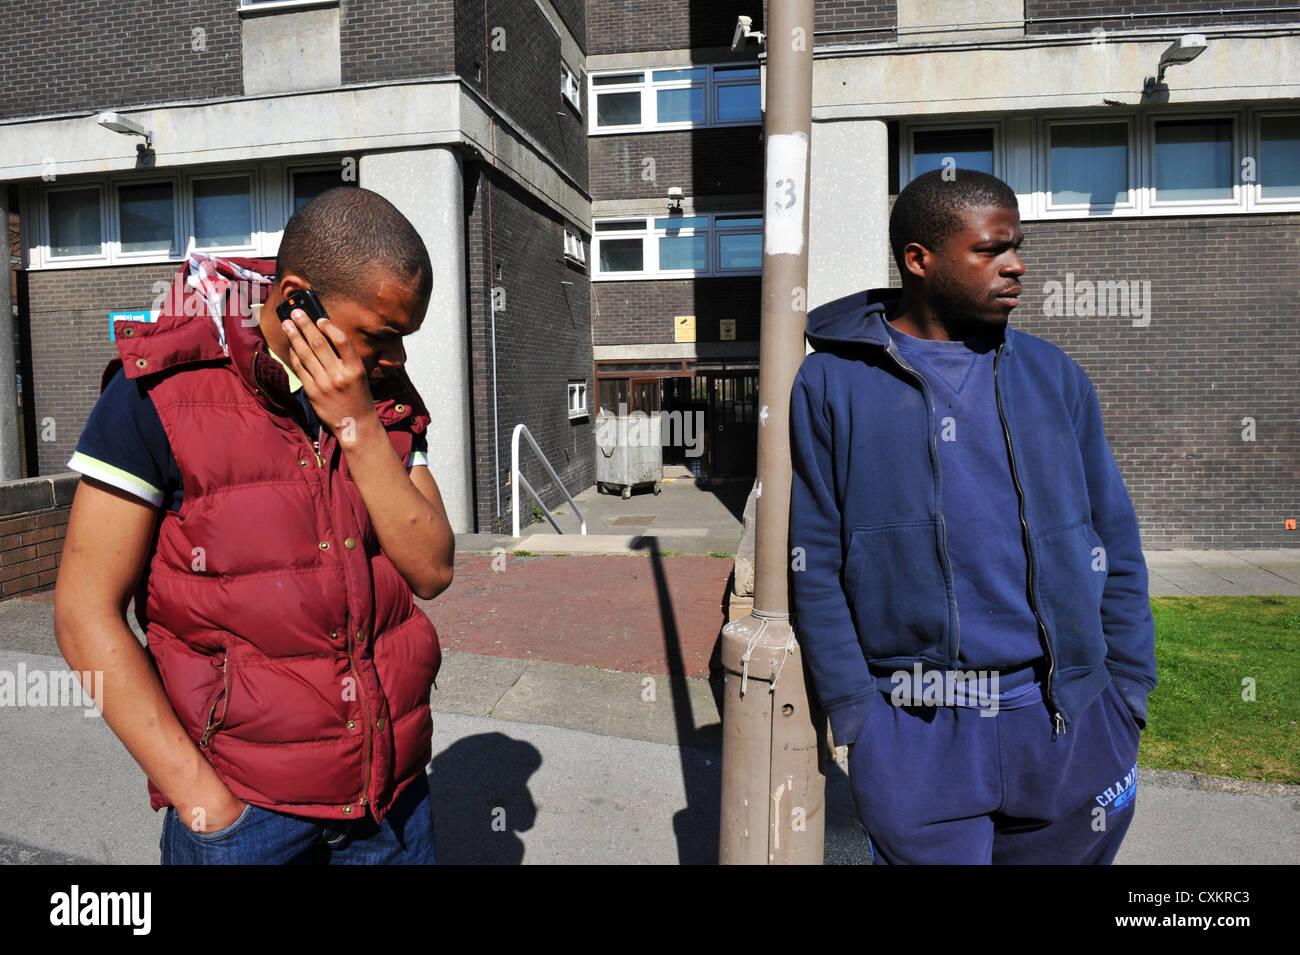 Deux jeunes Jeunes chômeurs Leeds UK, l'un parlant au téléphone. Banque D'Images